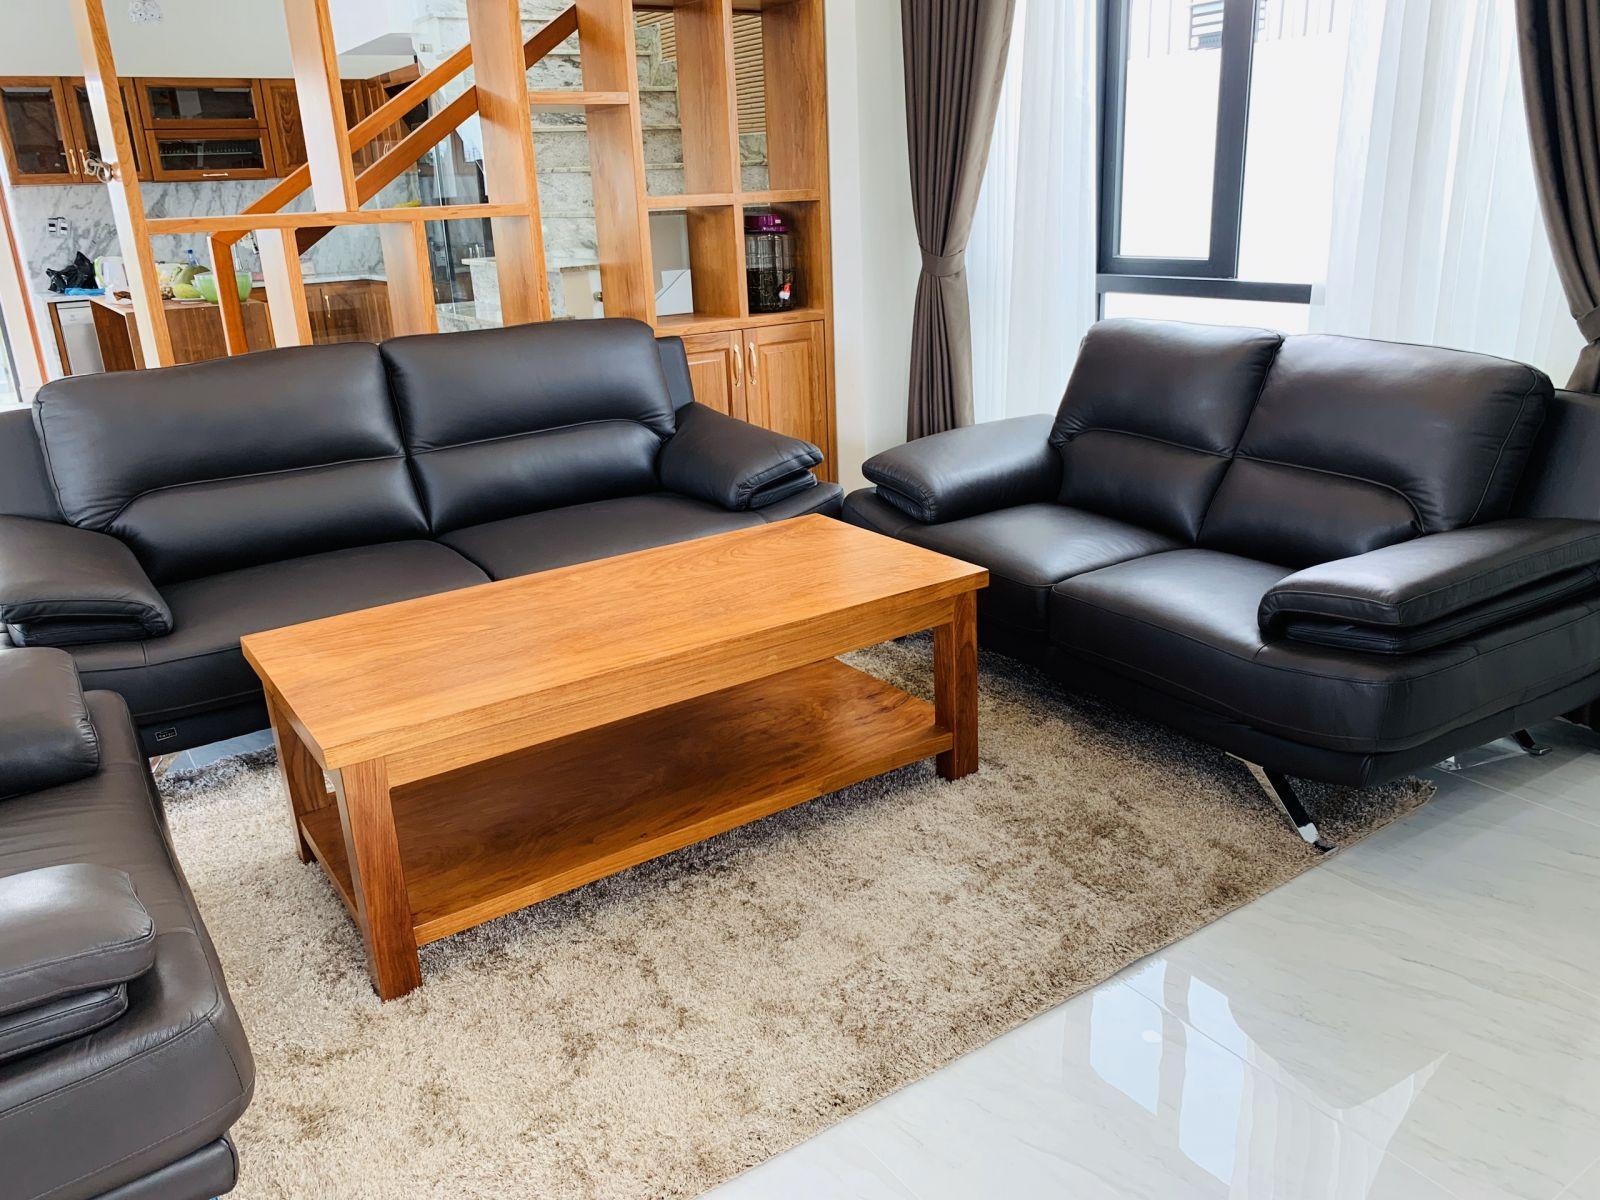 sofa da nhập khẩu chính hãng